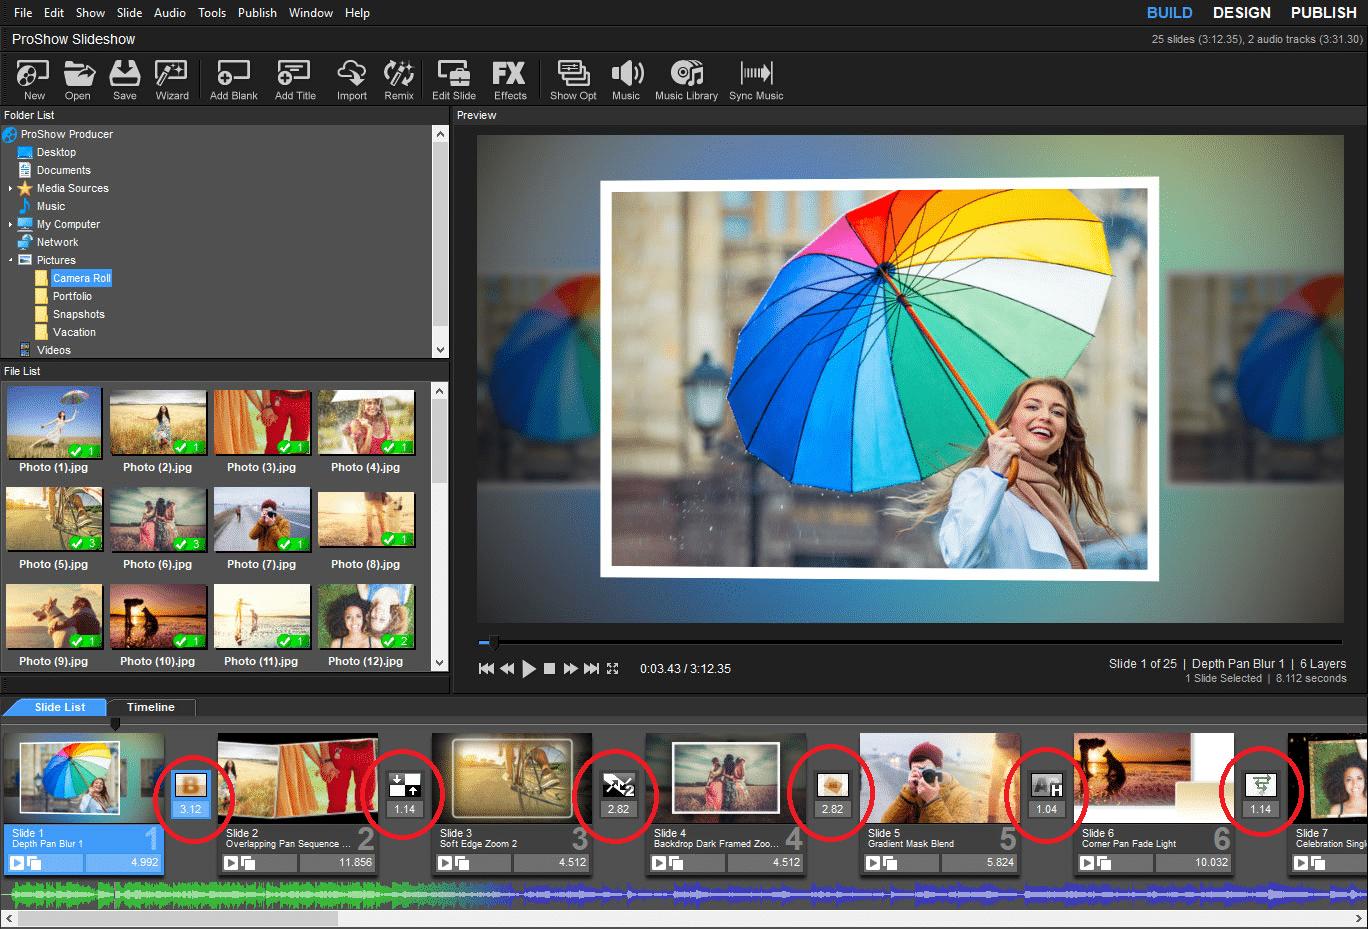 Chỉnh hiệu ứng chuyển đổi giữa các Slide trong Proshow